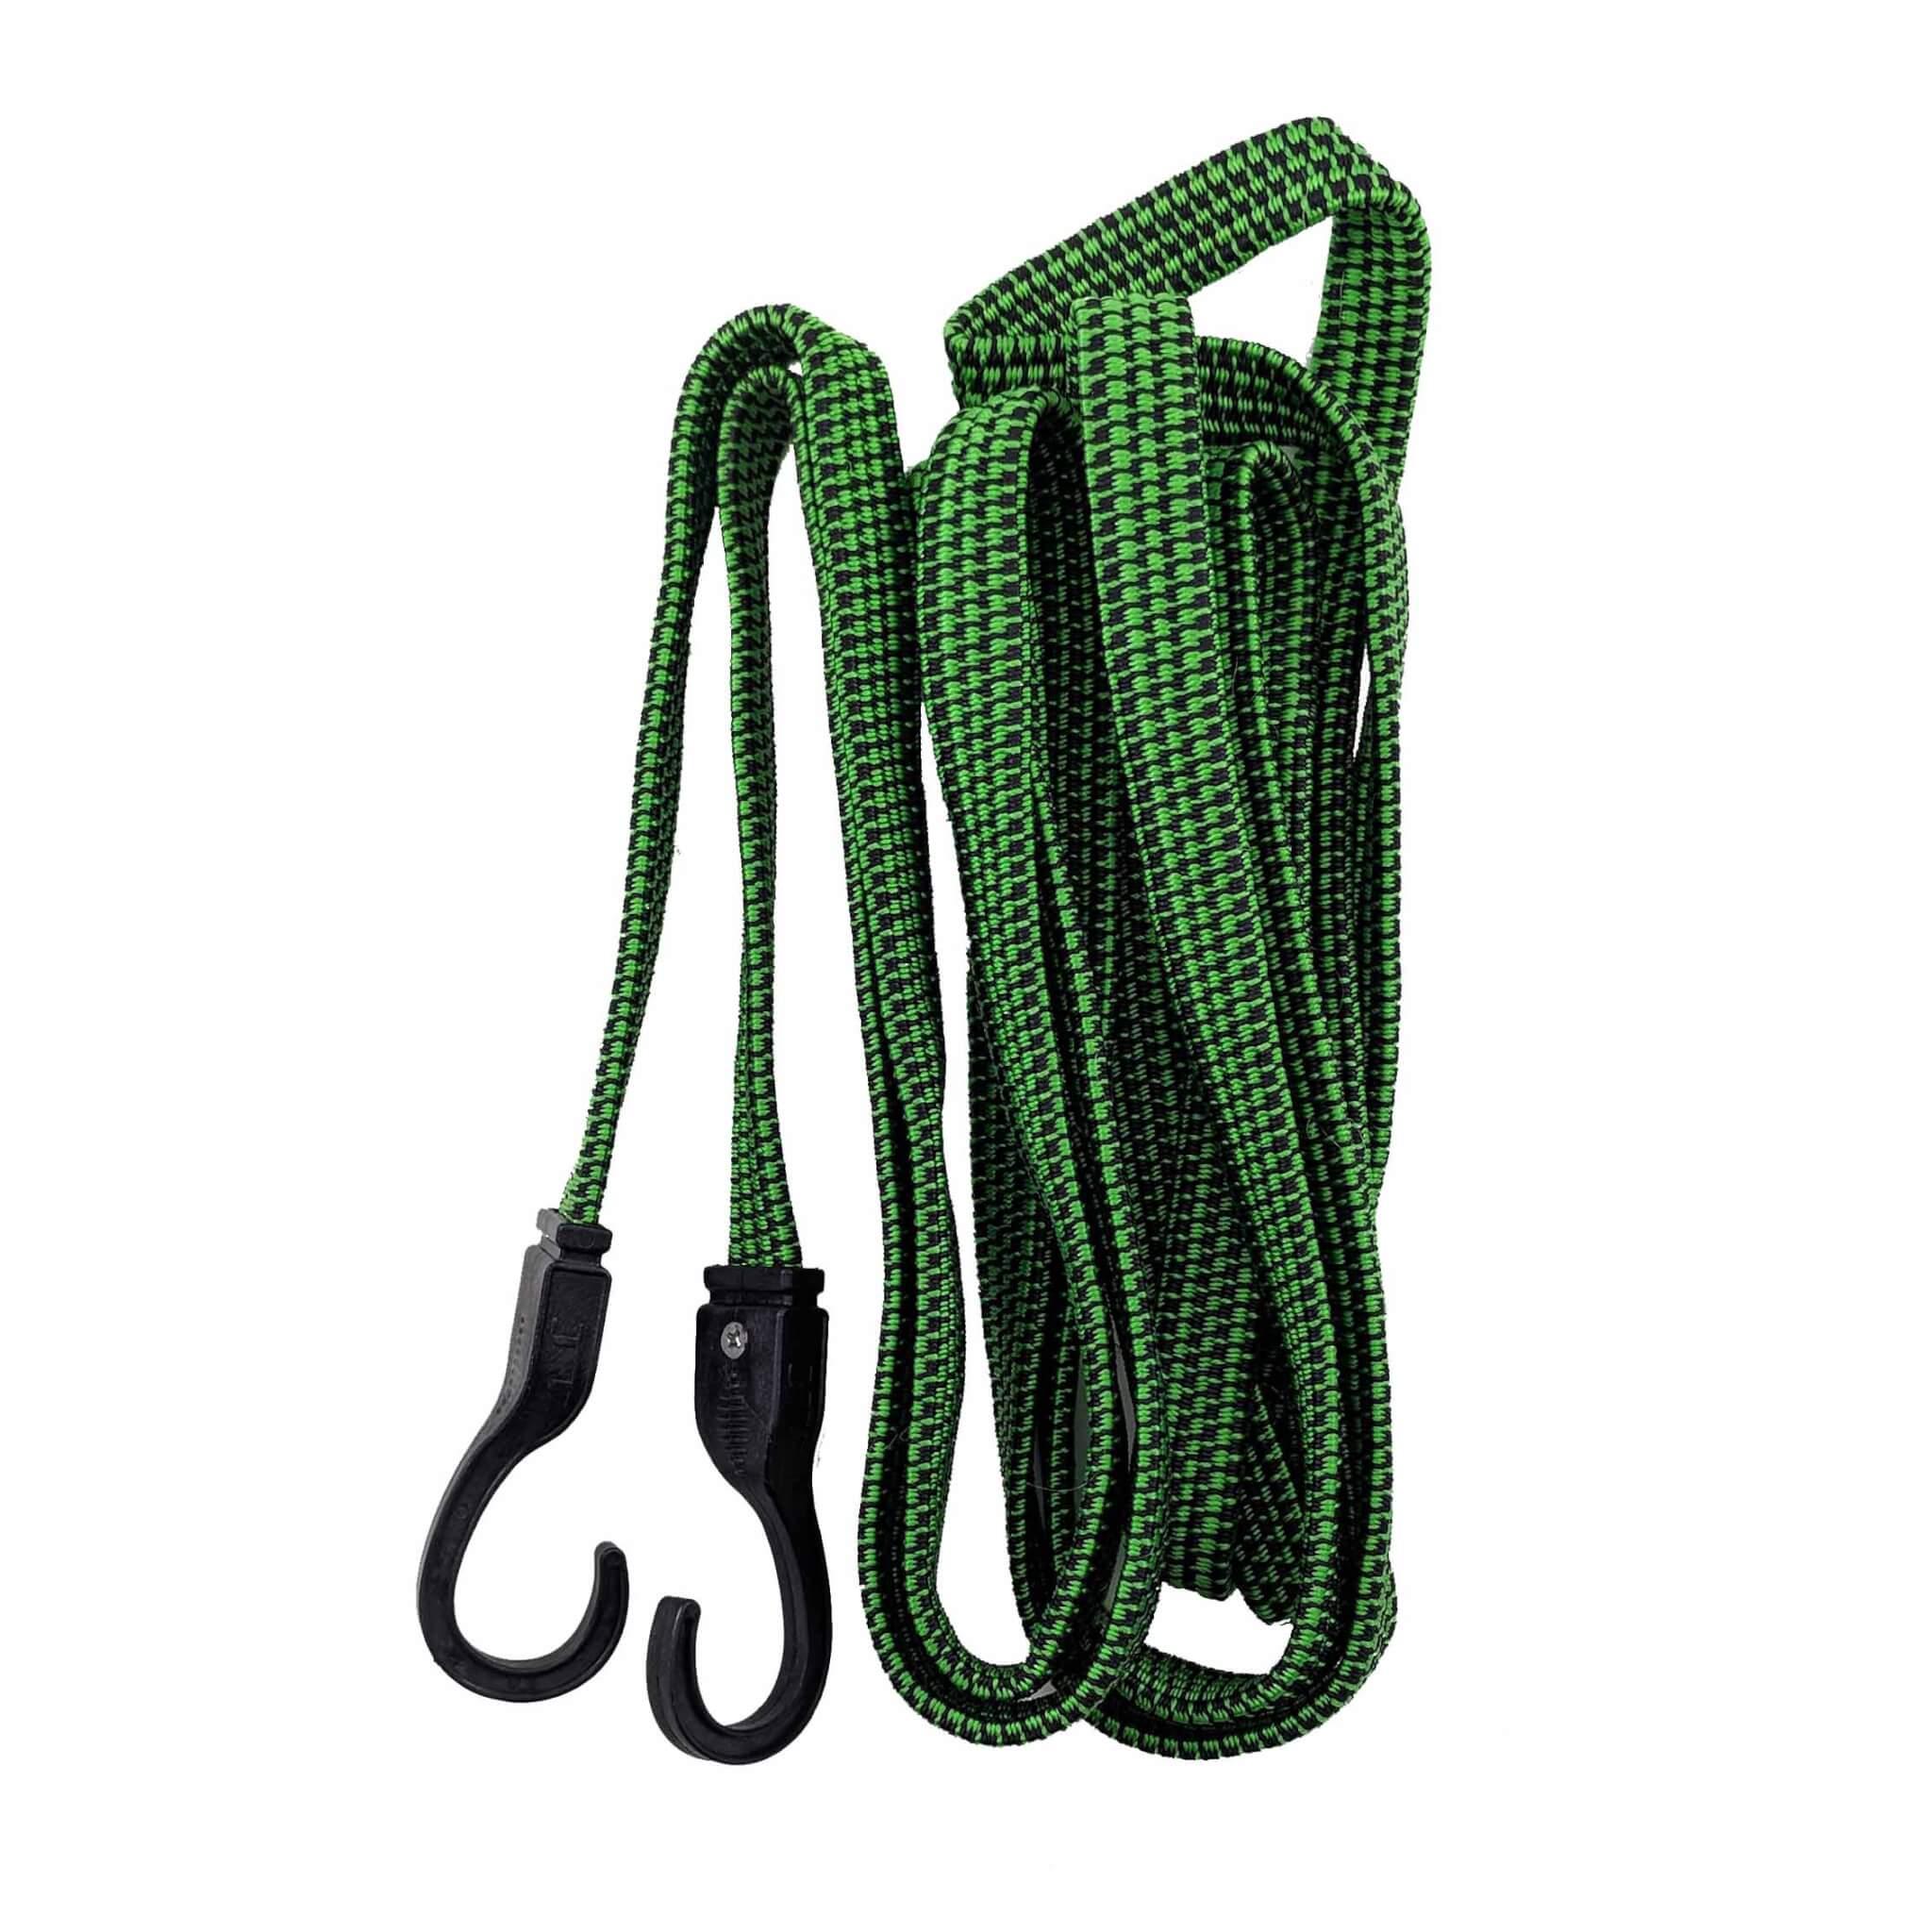 AE Strap Rope Luggage 1.8 X 3MT